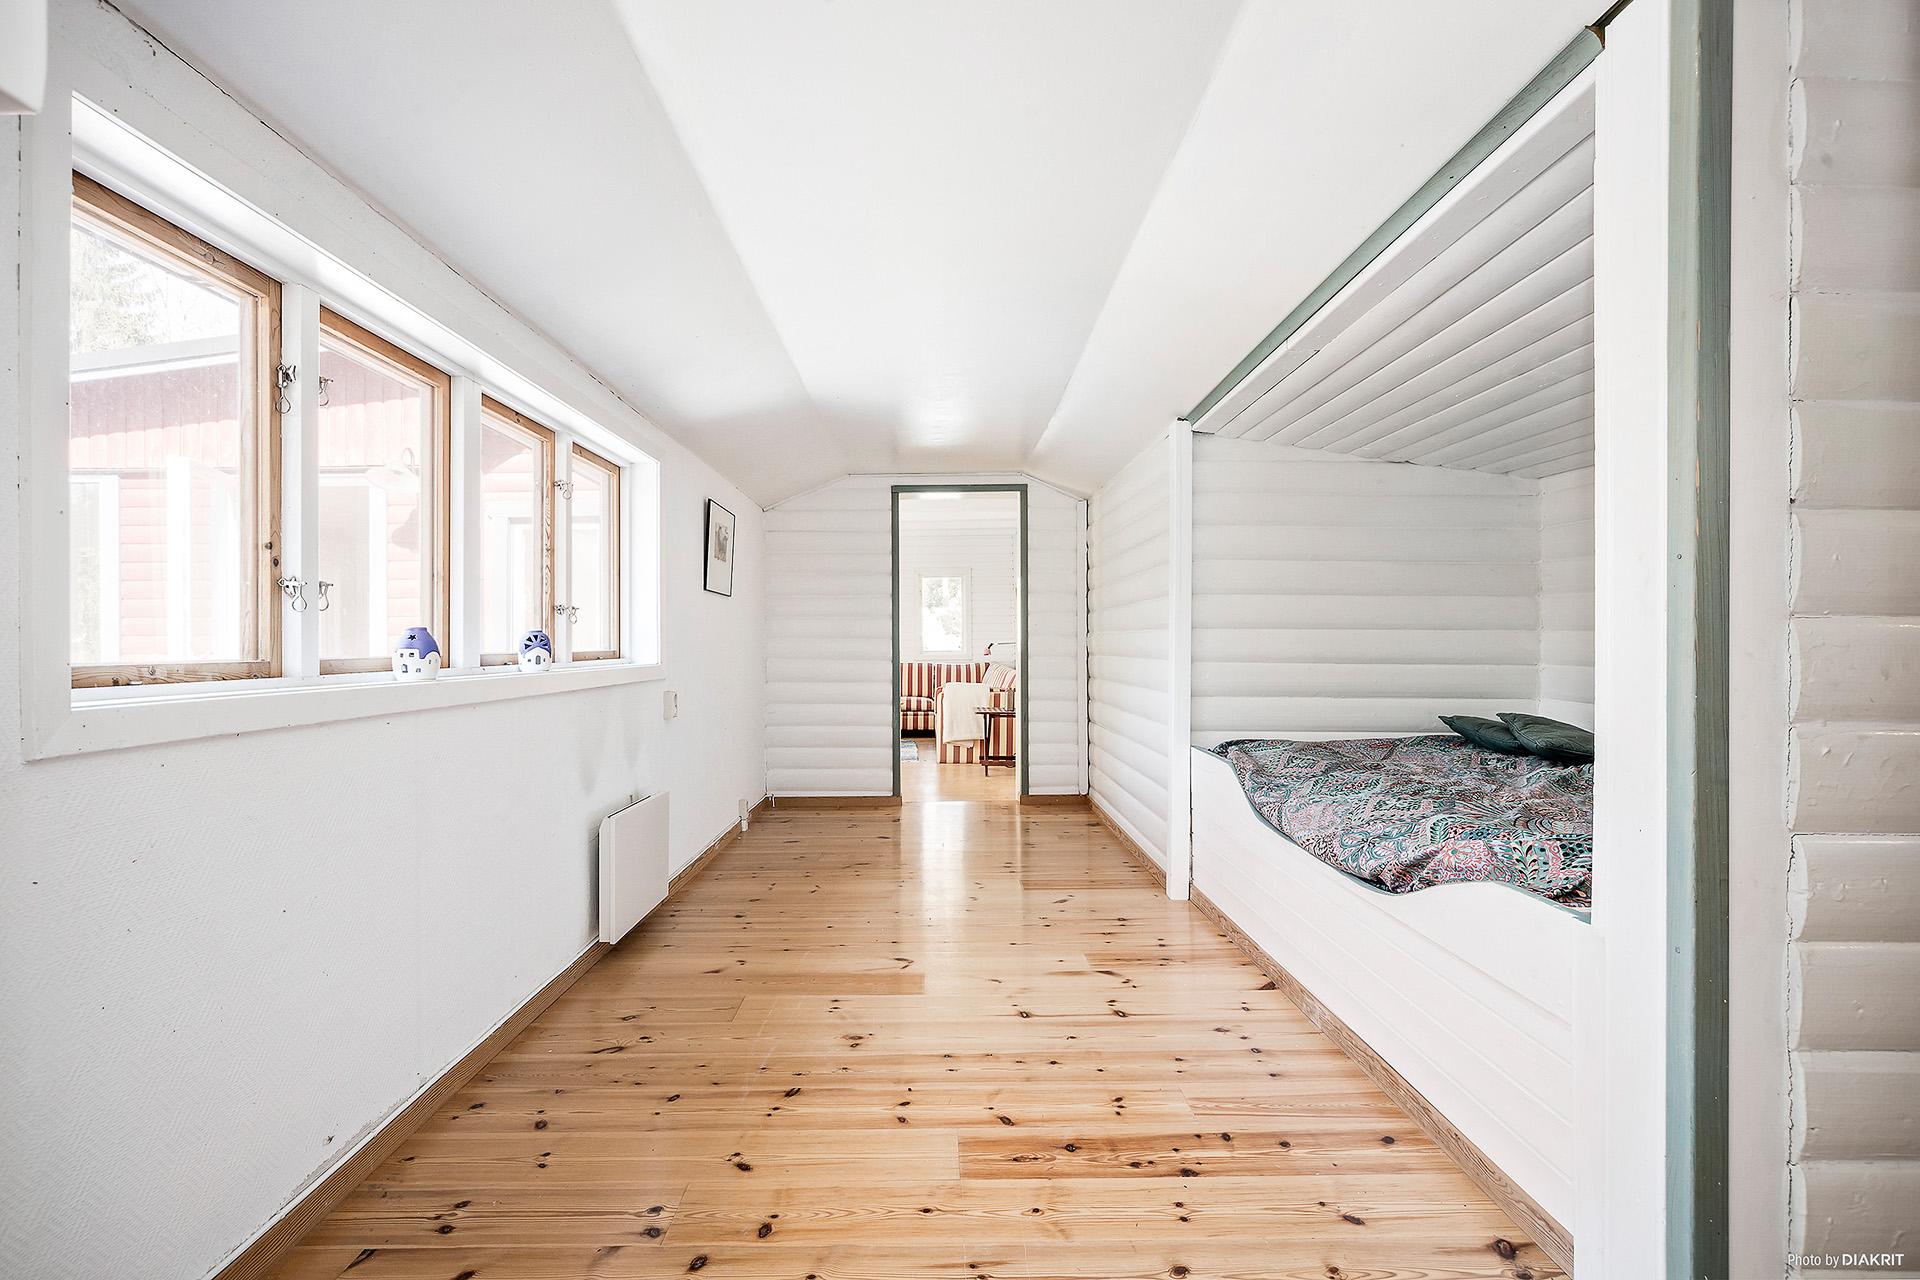 Hus 1: Rum med sovalkov/platsbyggd säng.